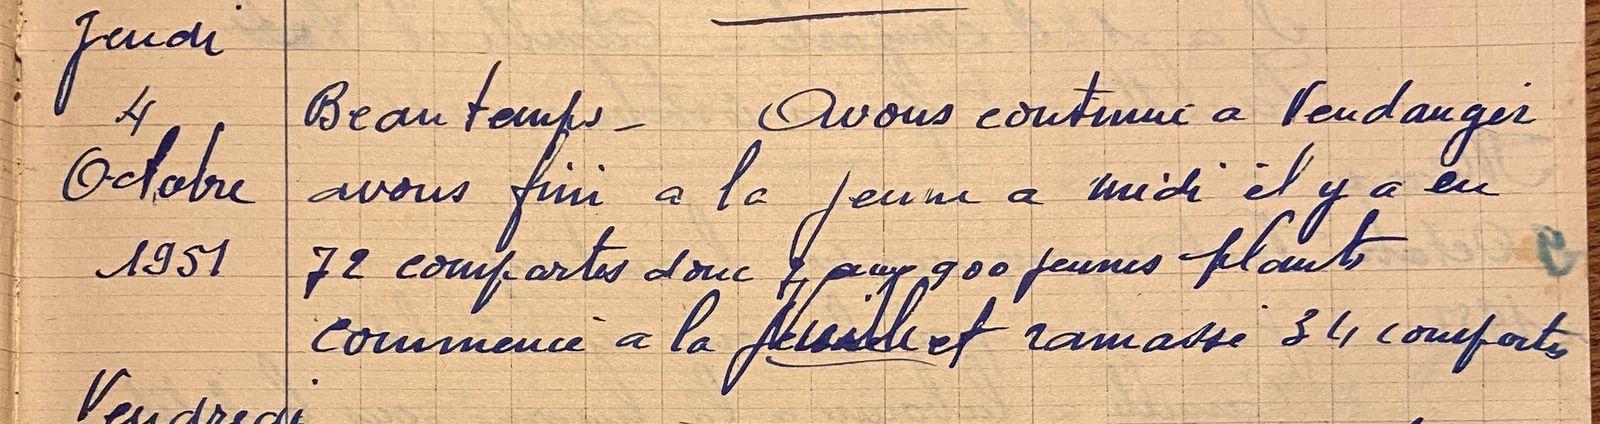 Jeudi 4 octobre 1951 - continuer à vendanger